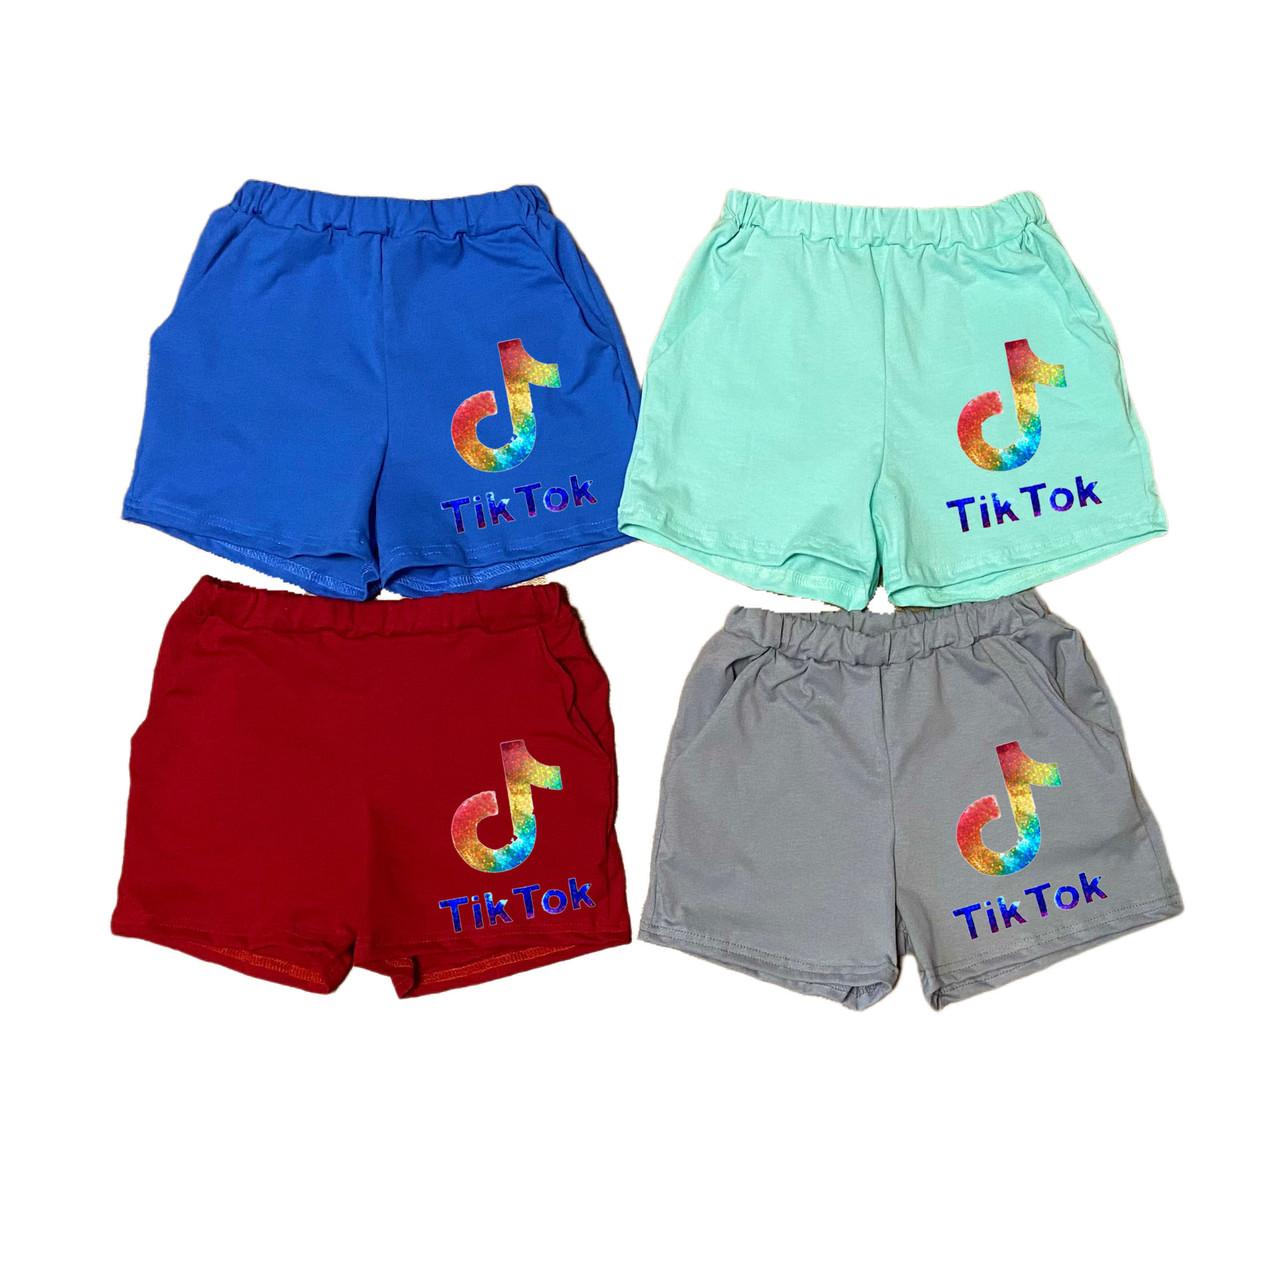 Дитячі шорти на дівчинку Tik Tok, 2-16 років